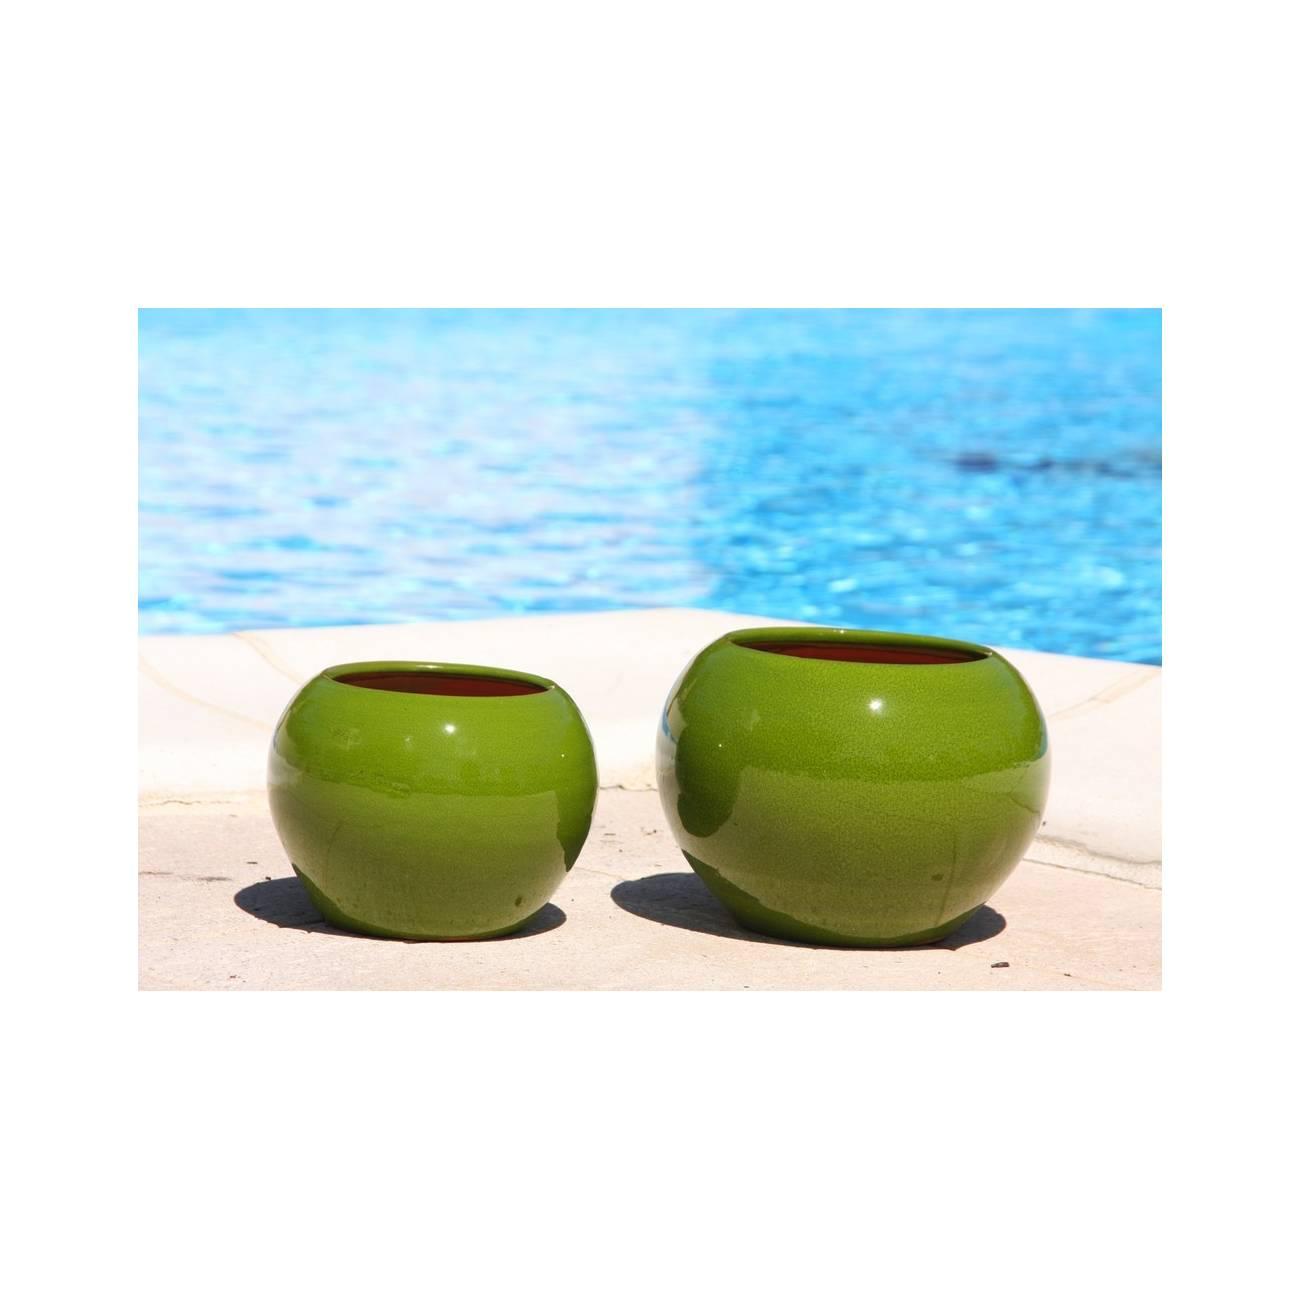 bor al mousse citron c ramique verte les poteries d 39 albi. Black Bedroom Furniture Sets. Home Design Ideas